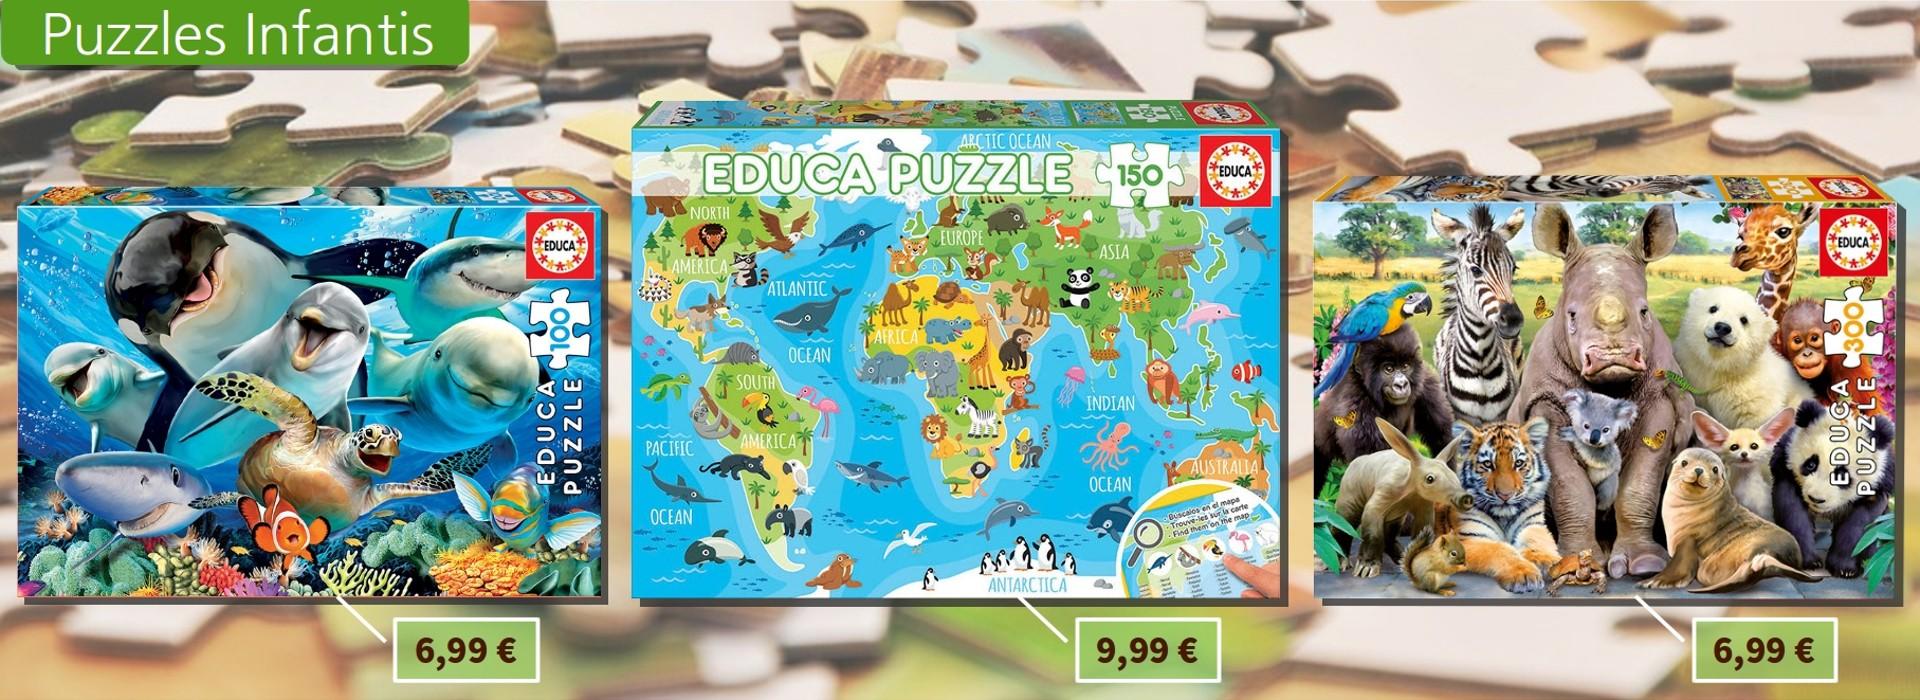 Puzzles Infantis